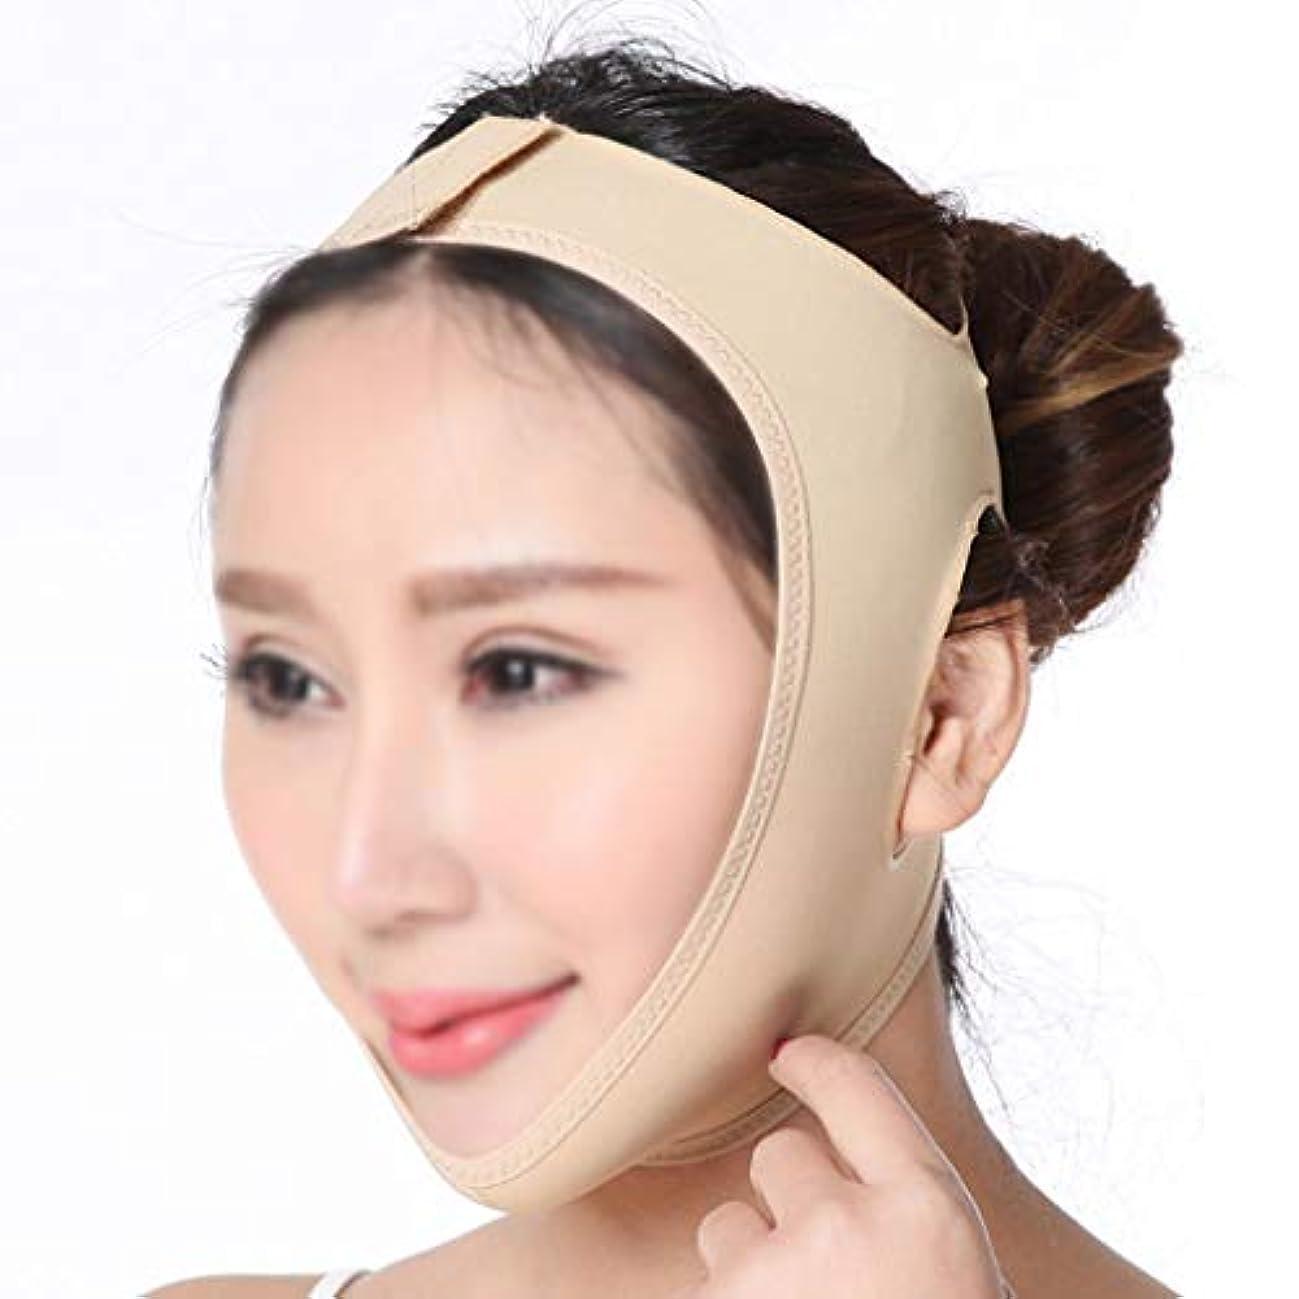 名詞ヨーグルト高めるGLJJQMY 薄い顔のアーティファクトVマスク薄い顔の包帯/顔の引き締め痩身包帯通気性二重あご減量マスク 顔用整形マスク (Size : L)